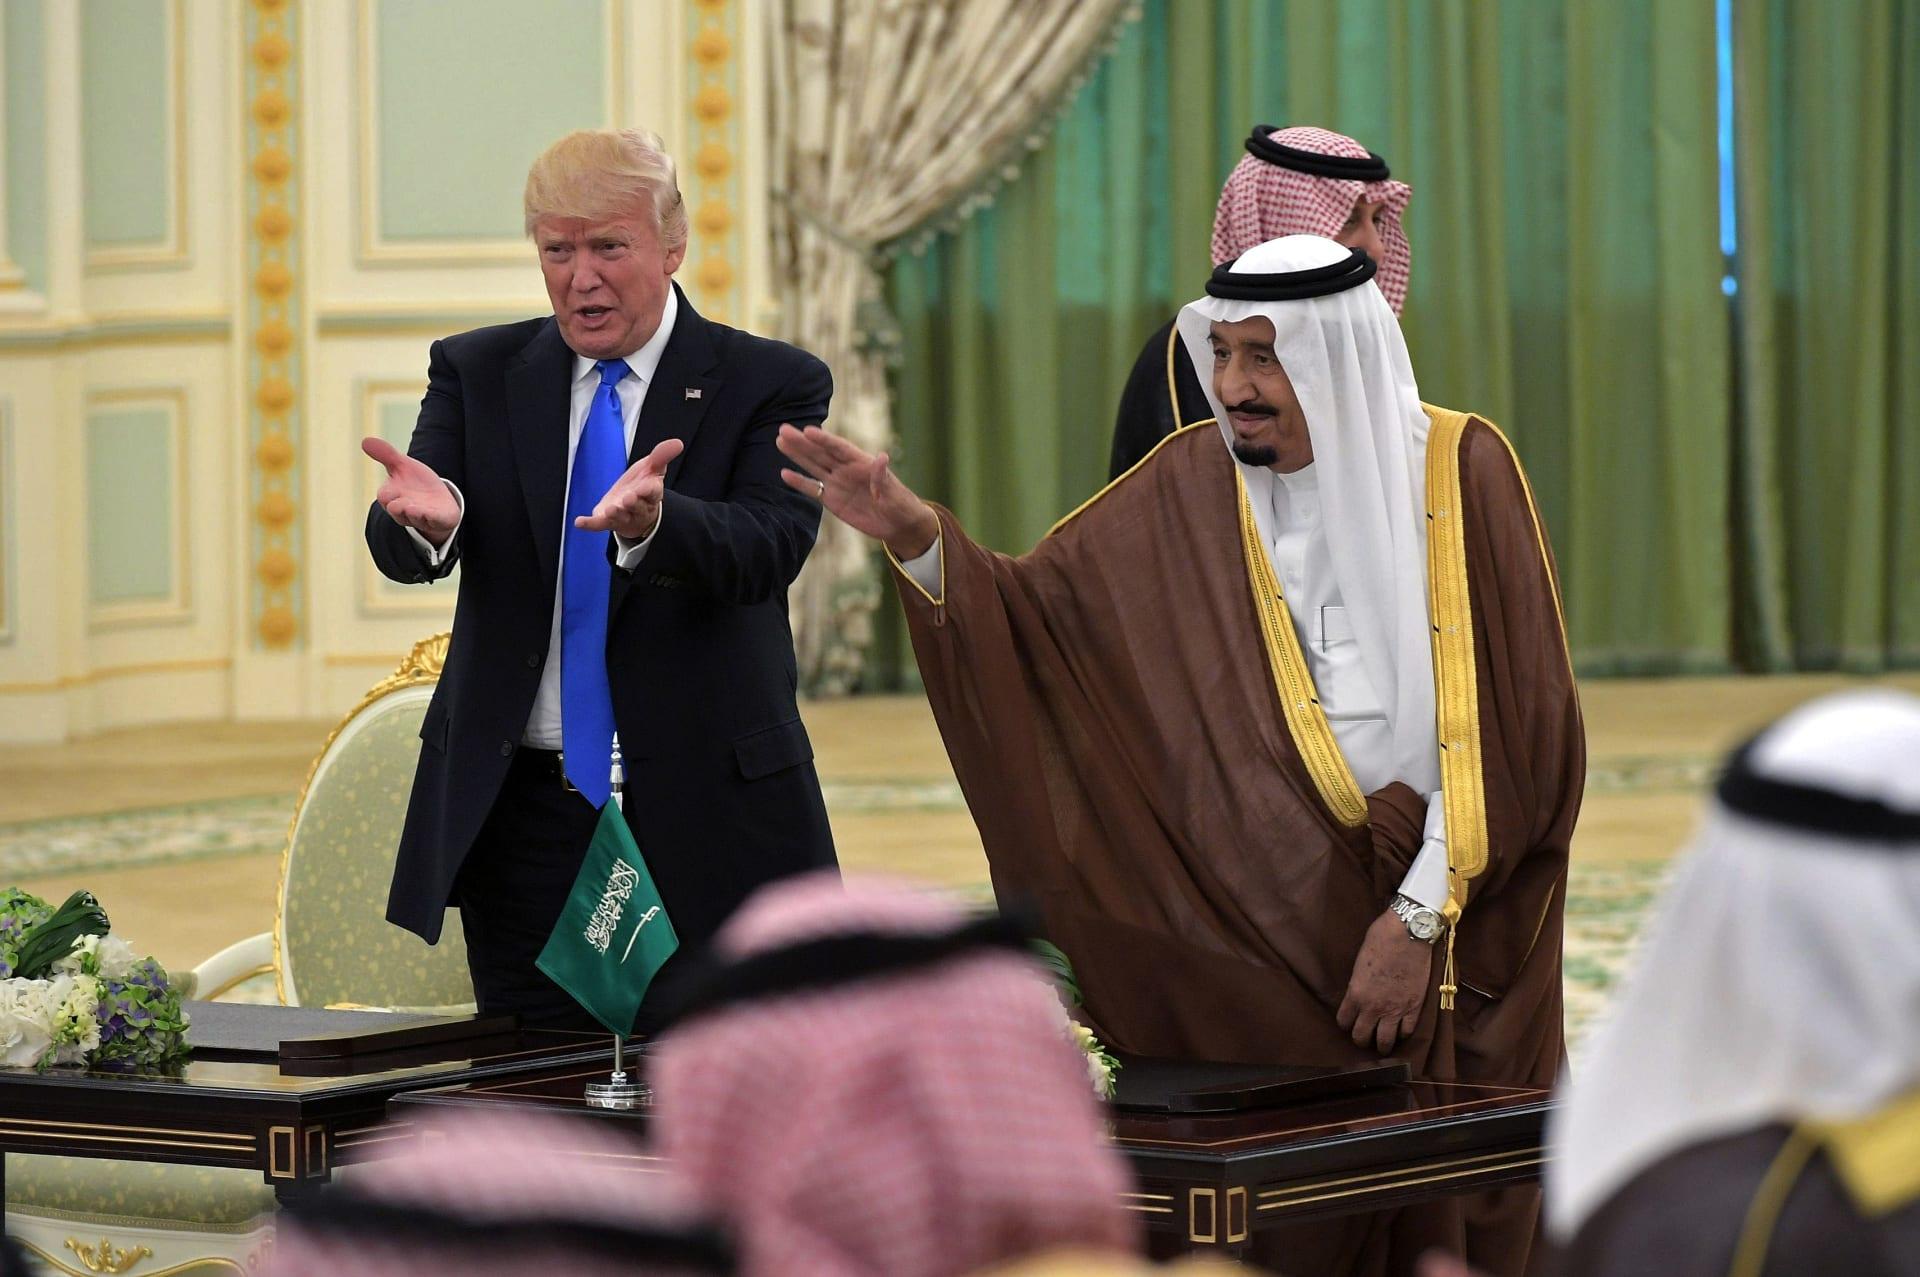 ترامب يغرّد حول توقيفات السعودية منتقدا من امتصوا ثروات بلدهم